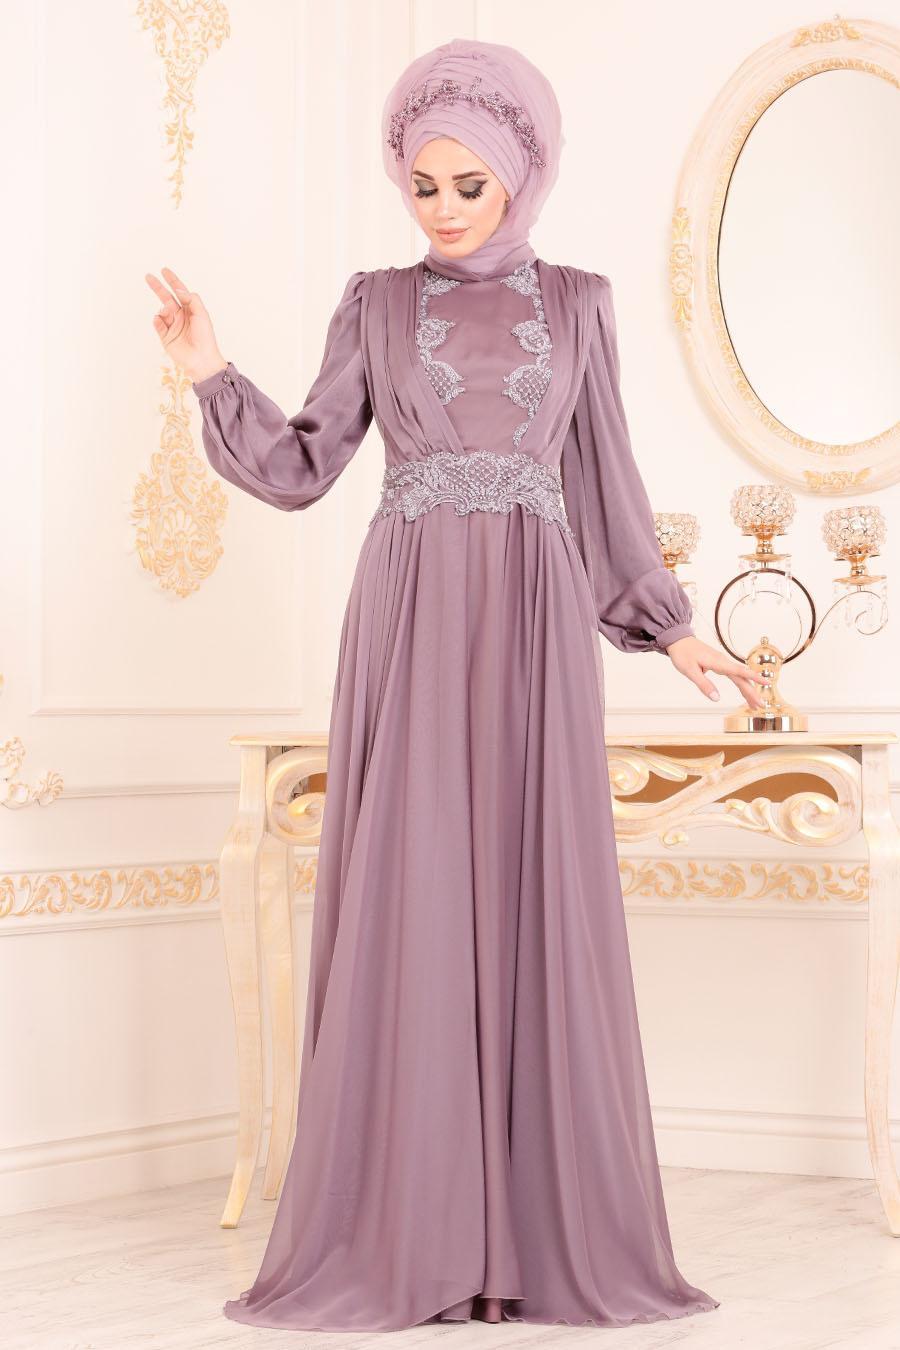 Tesettürlü Abiye Elbise - Boncuk Detaylı Lila Tesettürlü Abiye Elbise 37331LILA